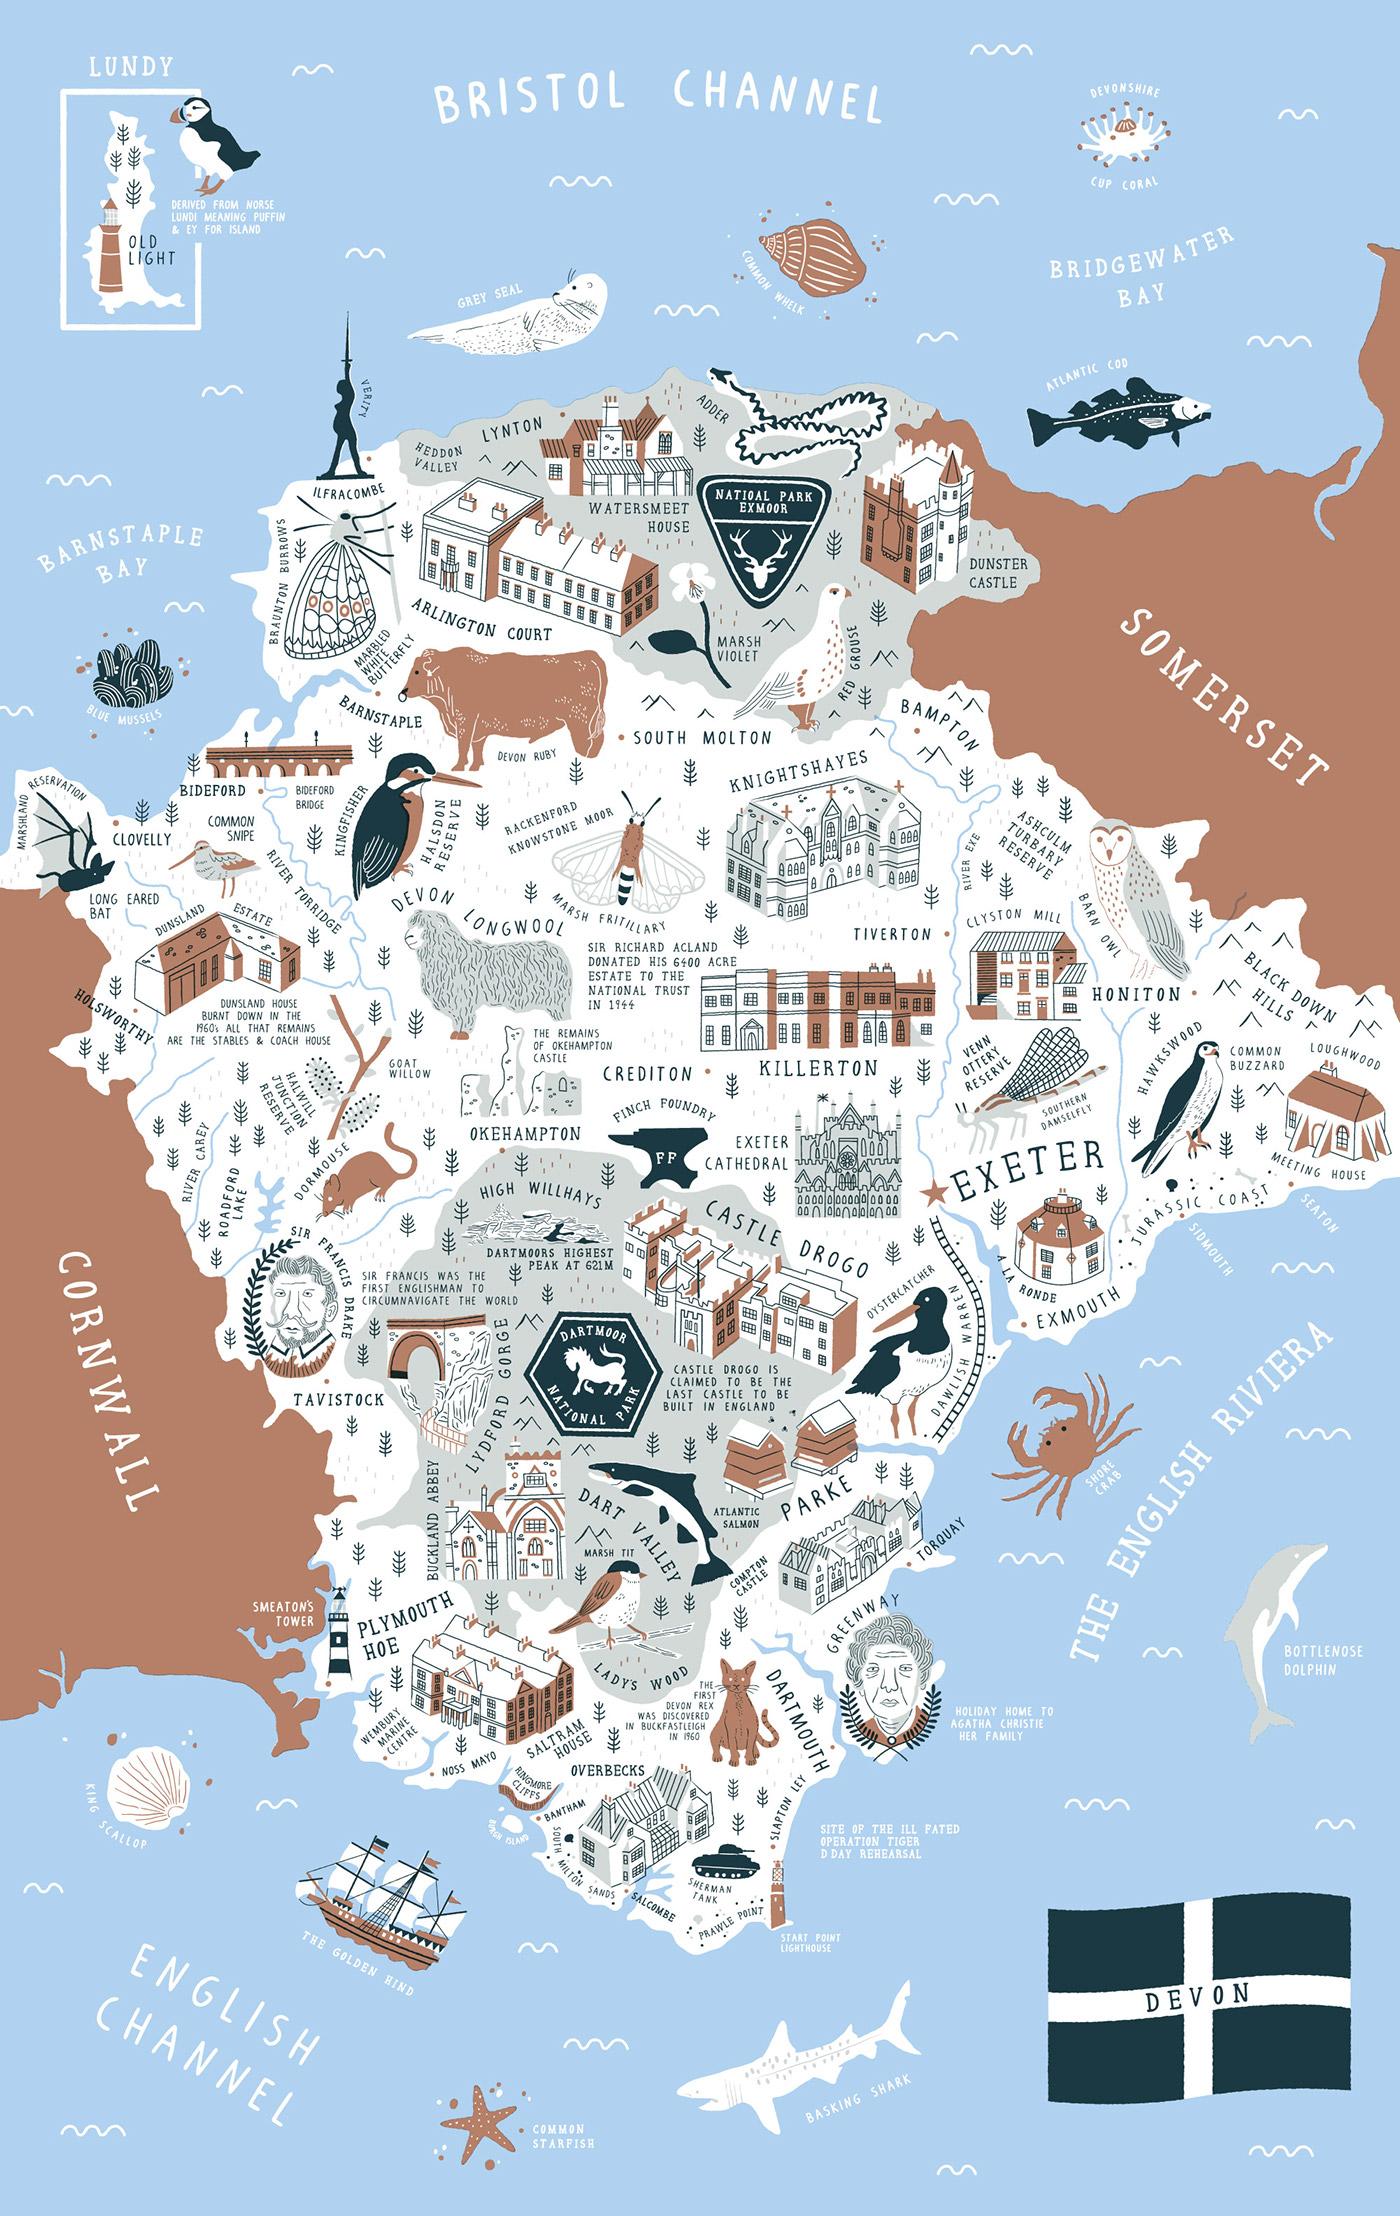 Devon Map on Behance